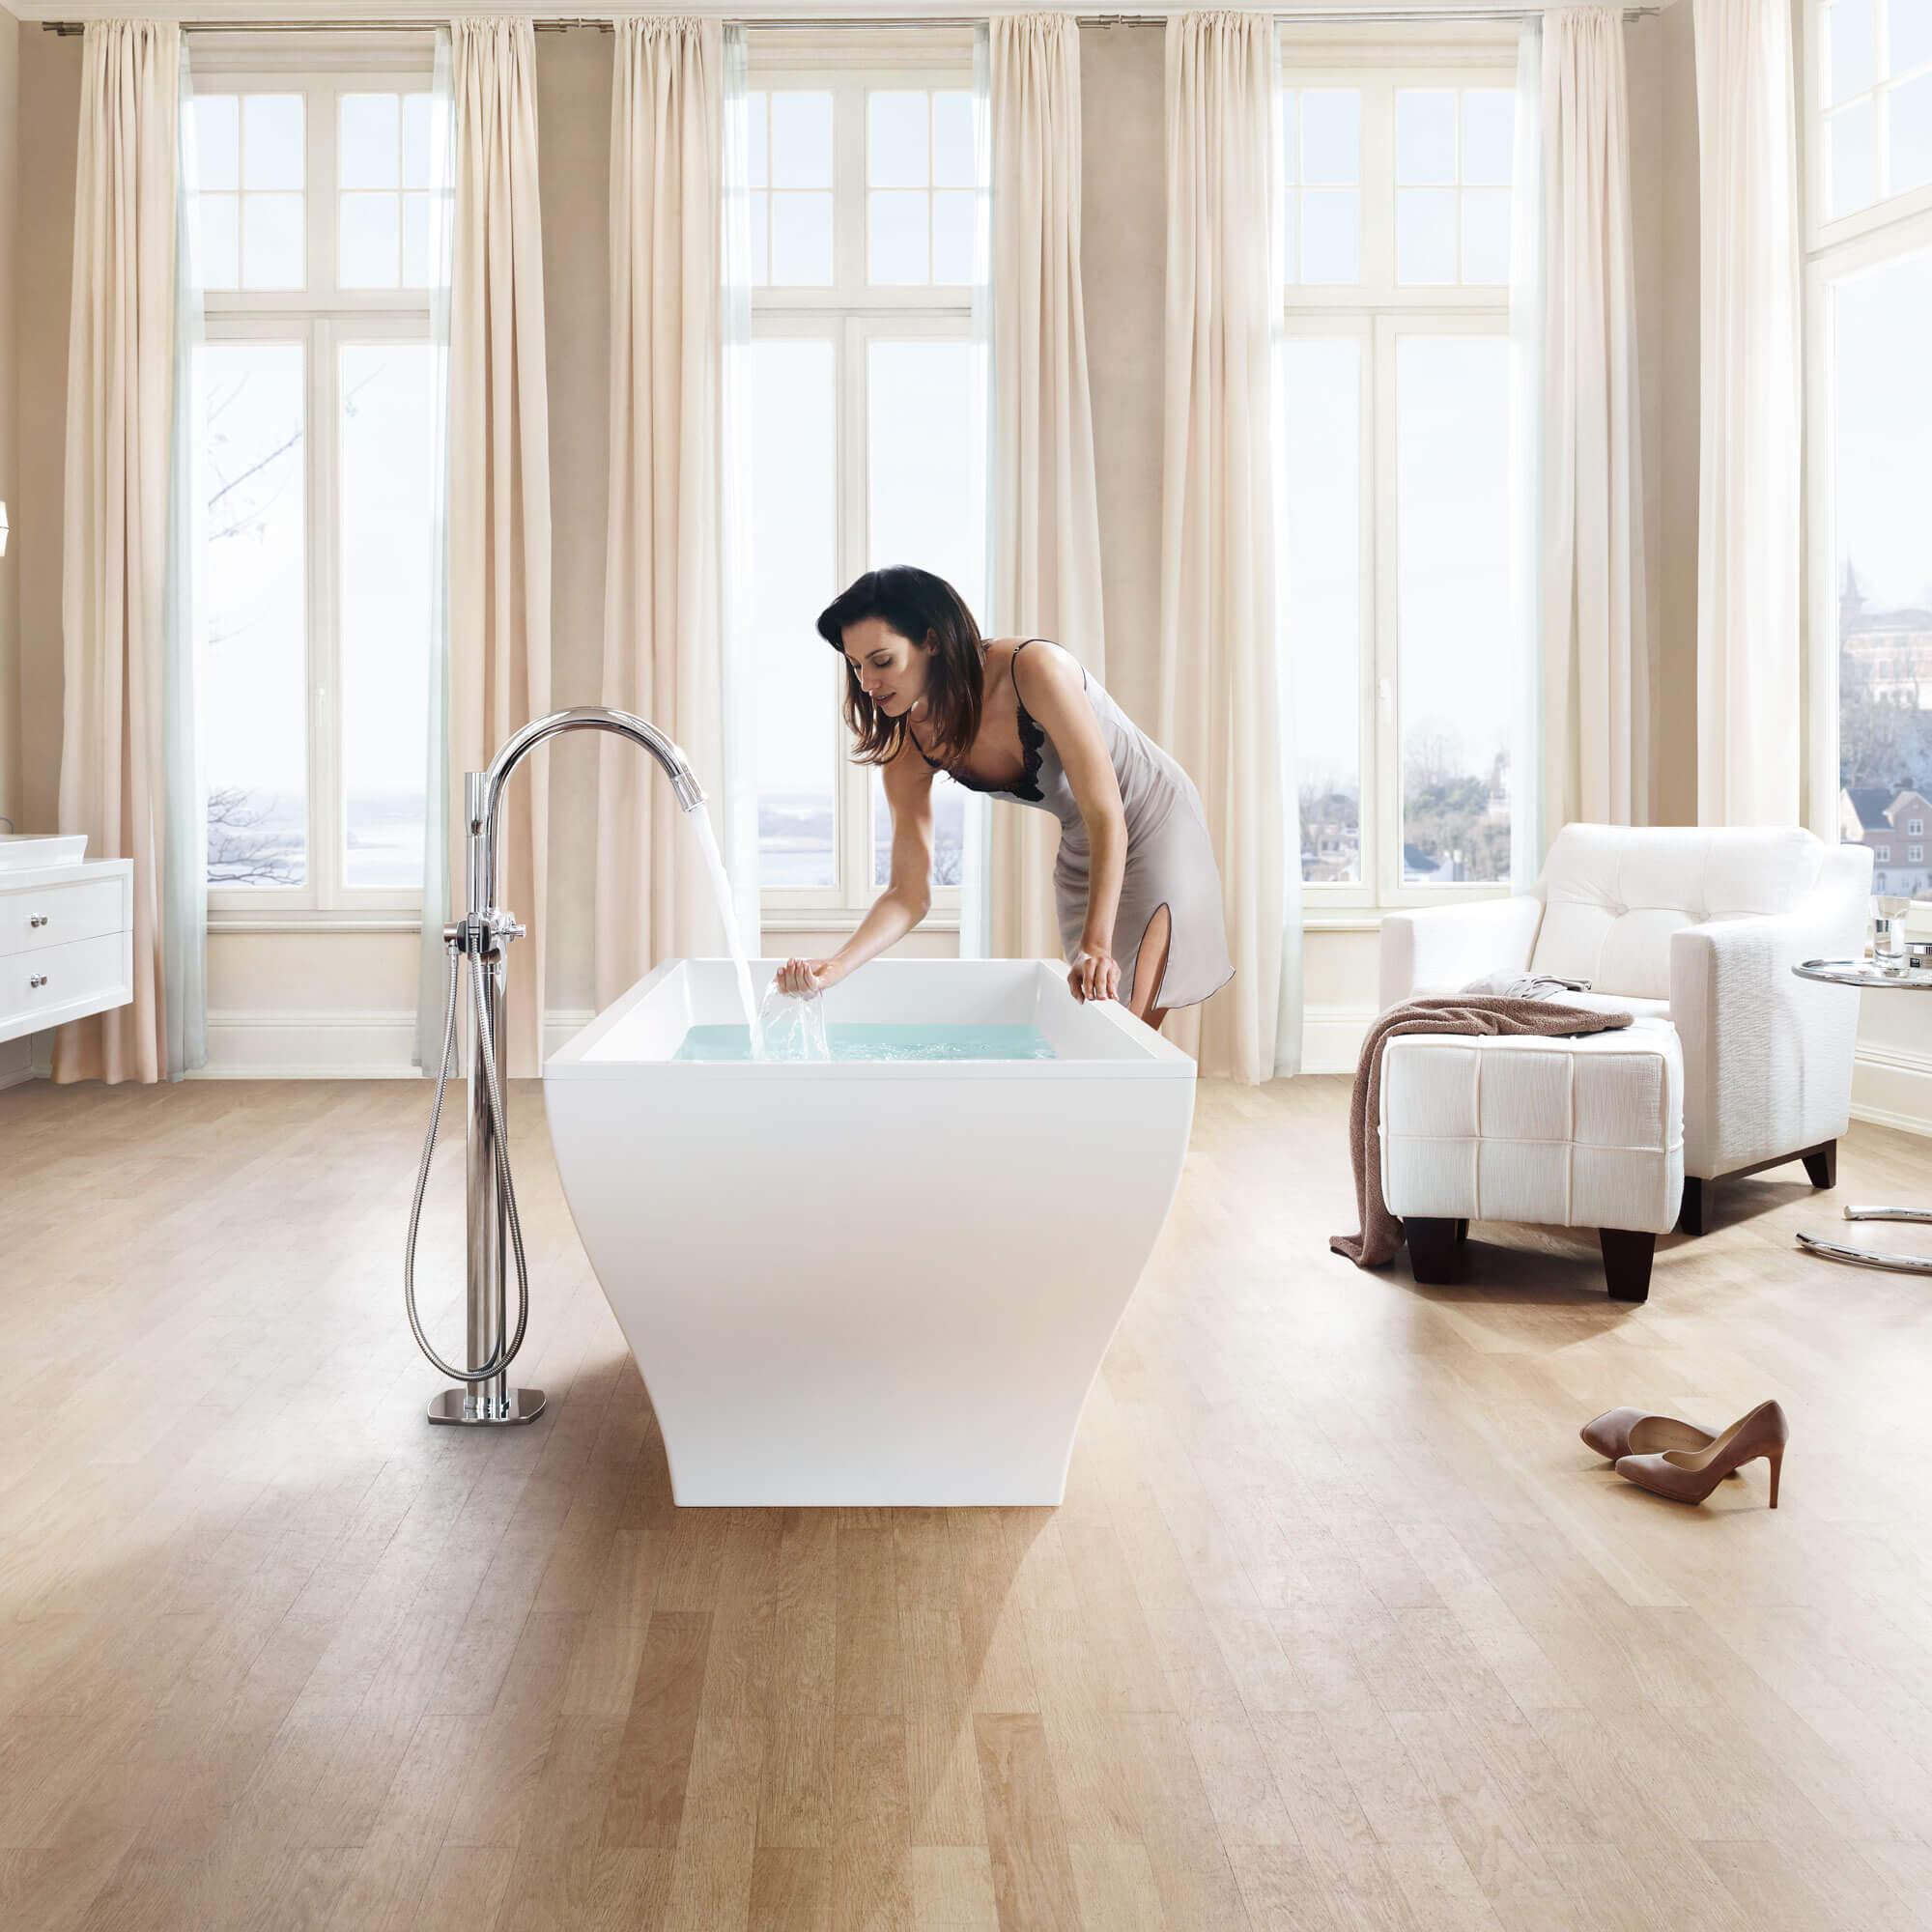 Thermostats GROHE - femme touchant l'eau dans la baignoire